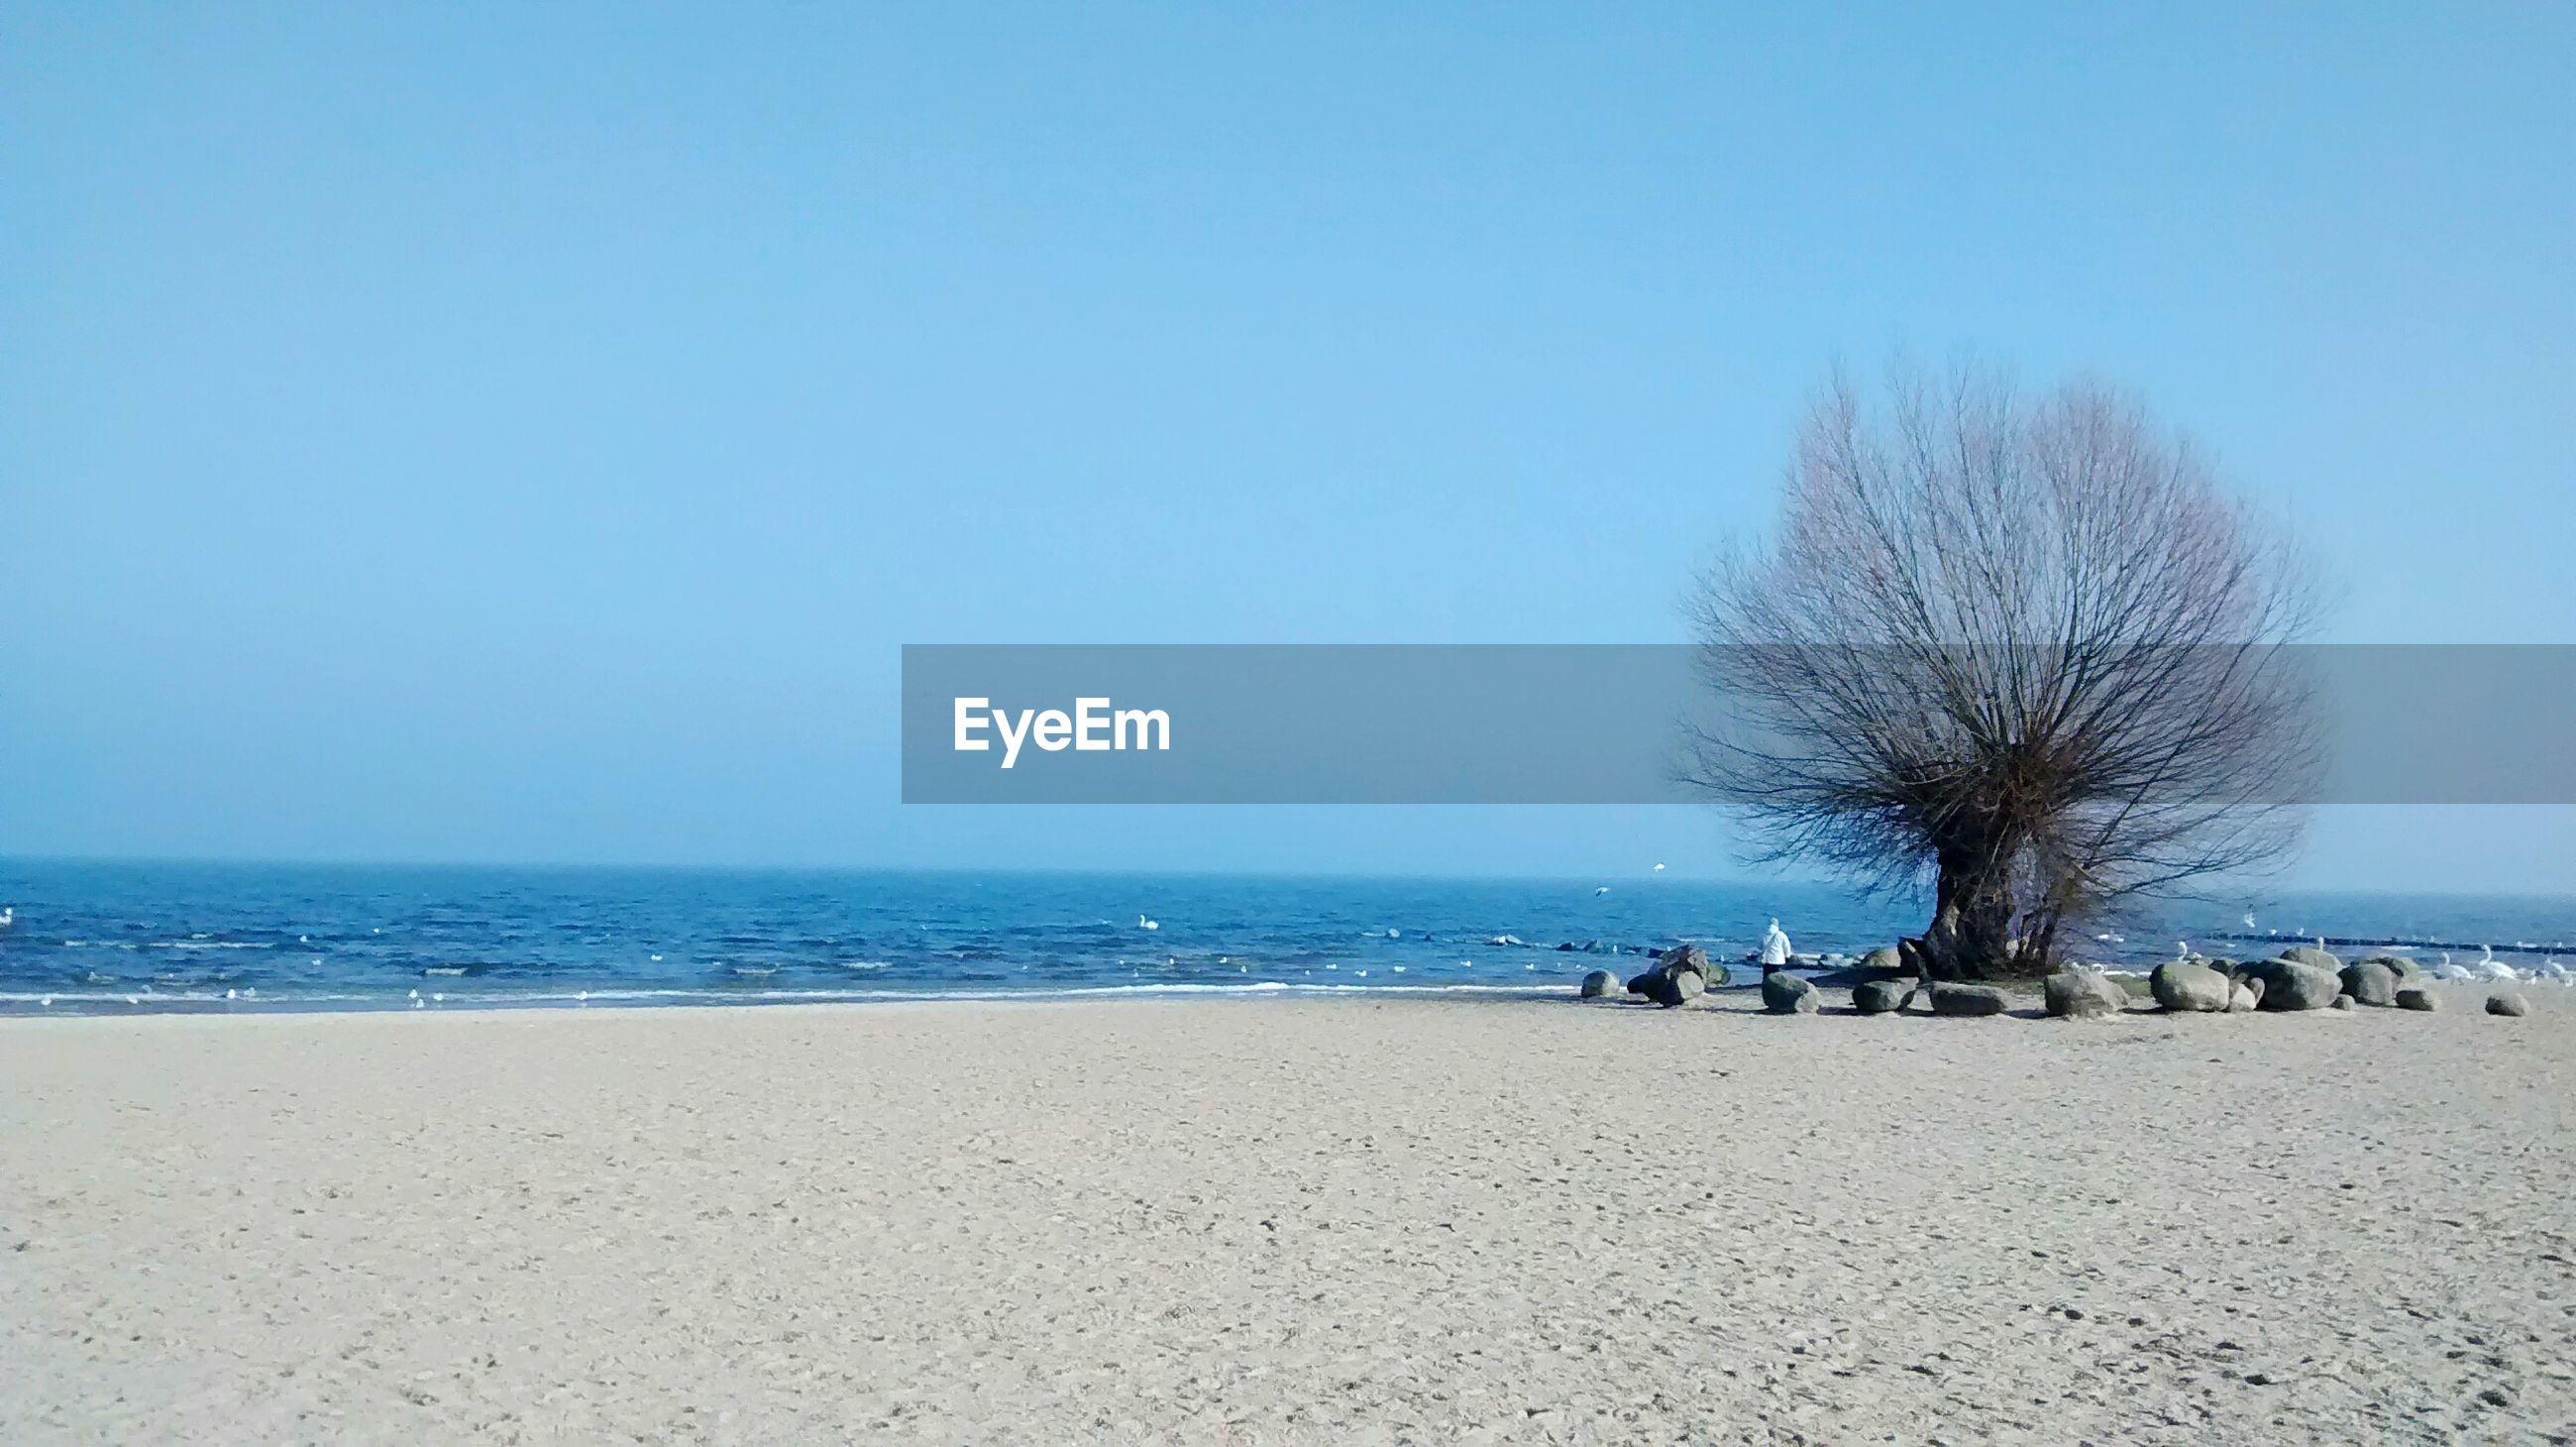 Bare Tree On Beach Against Clear Blue Sky